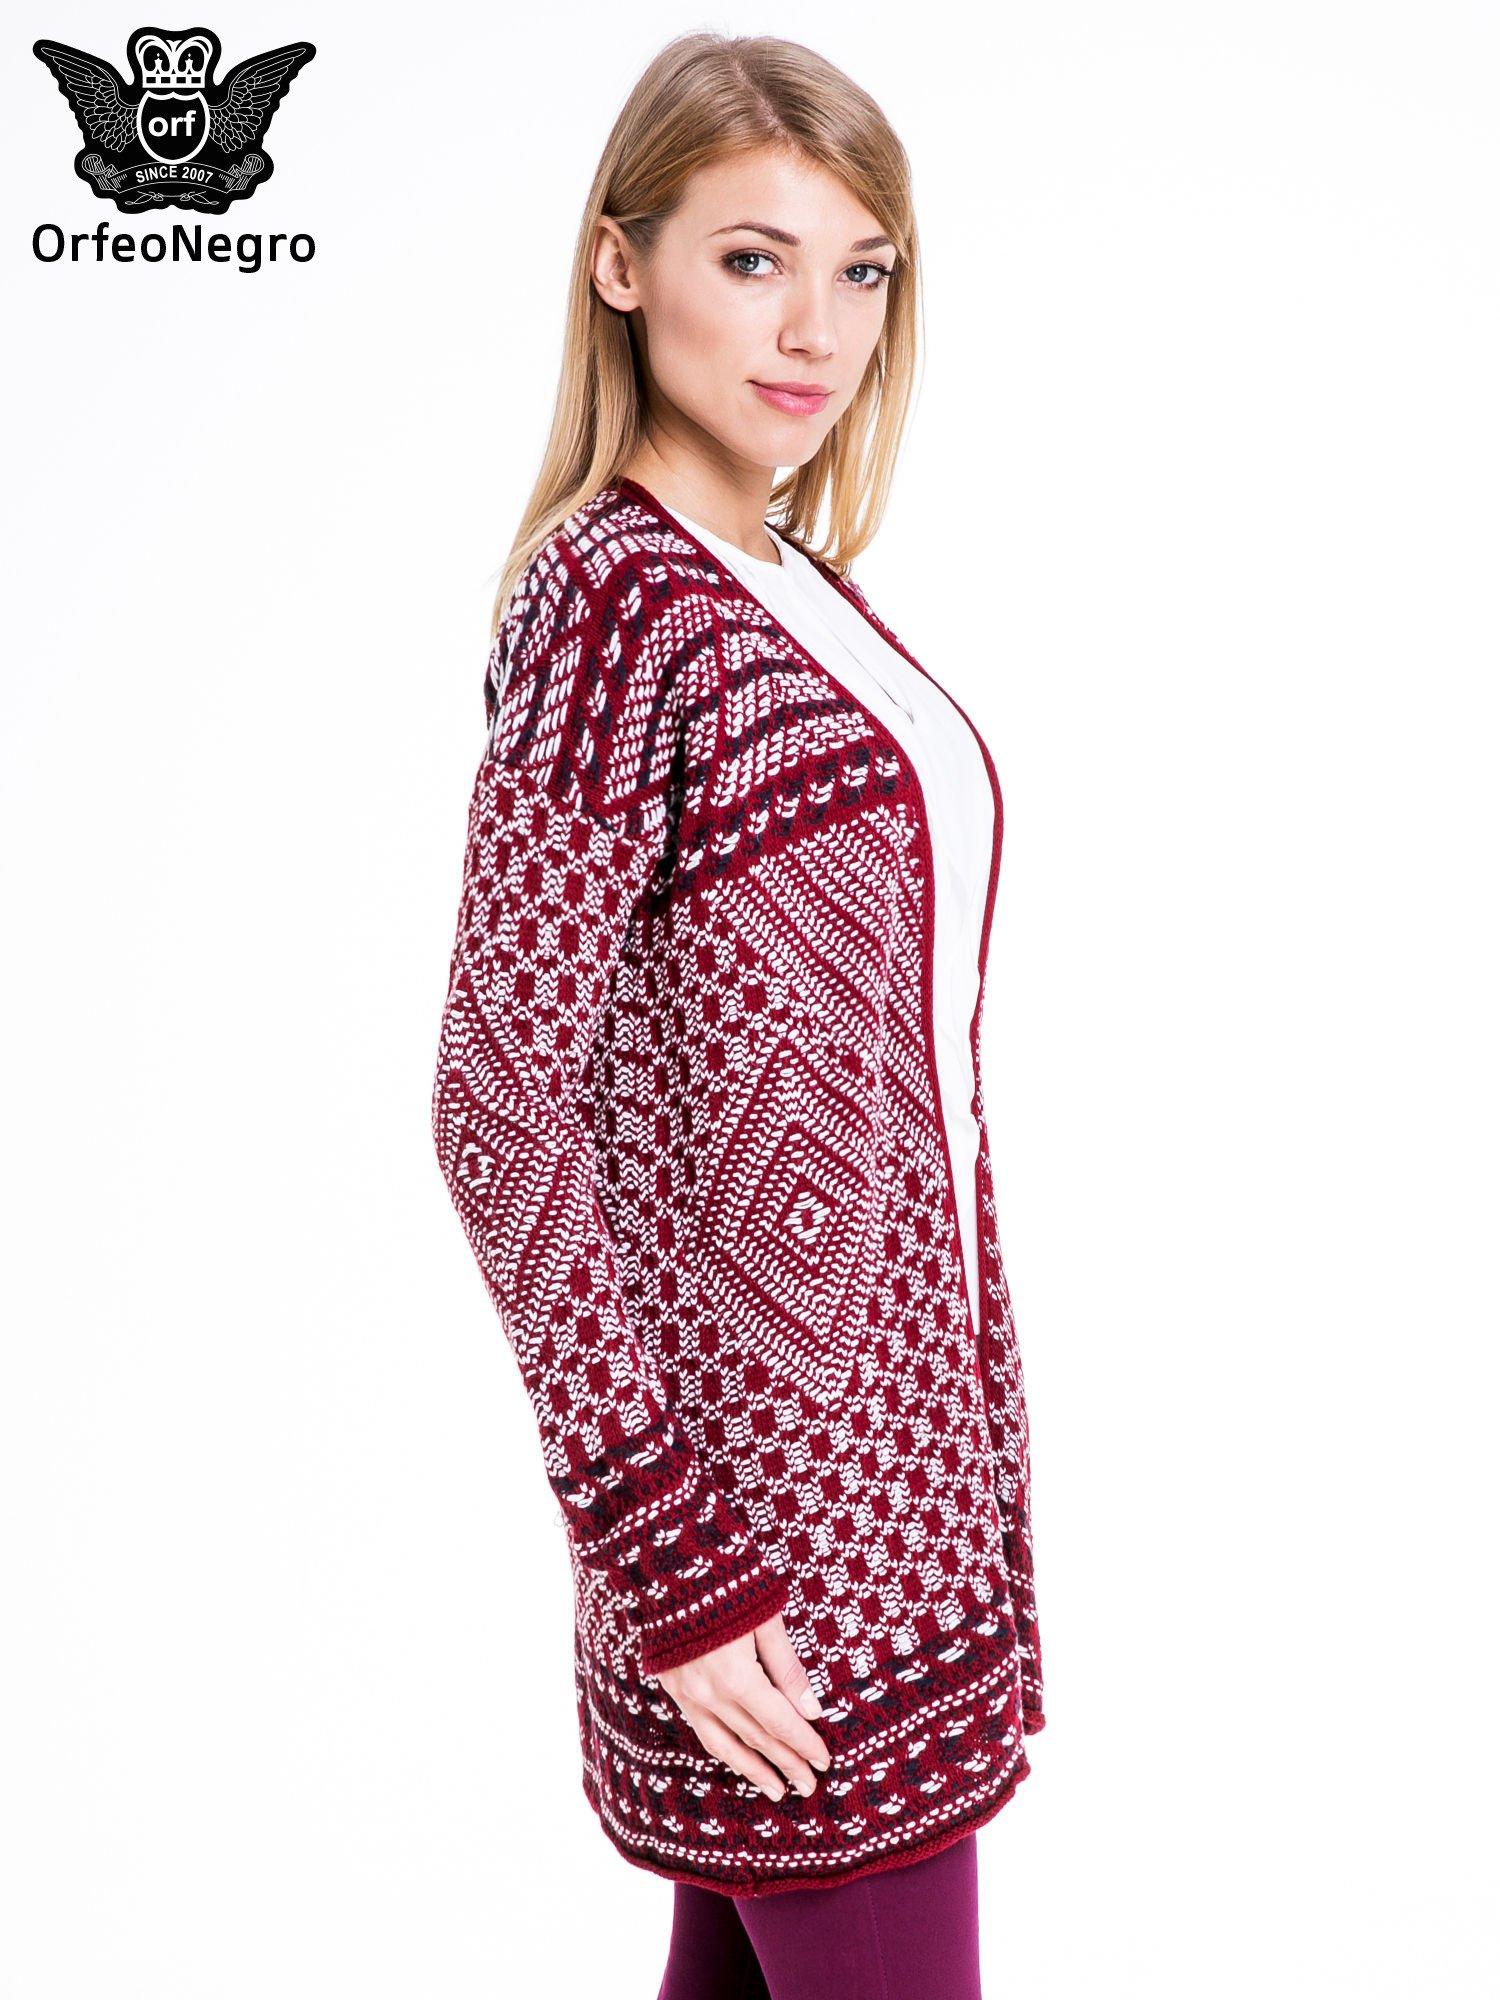 Bordowy sweter kardigan dziergany w etniczne wzory                                  zdj.                                  3